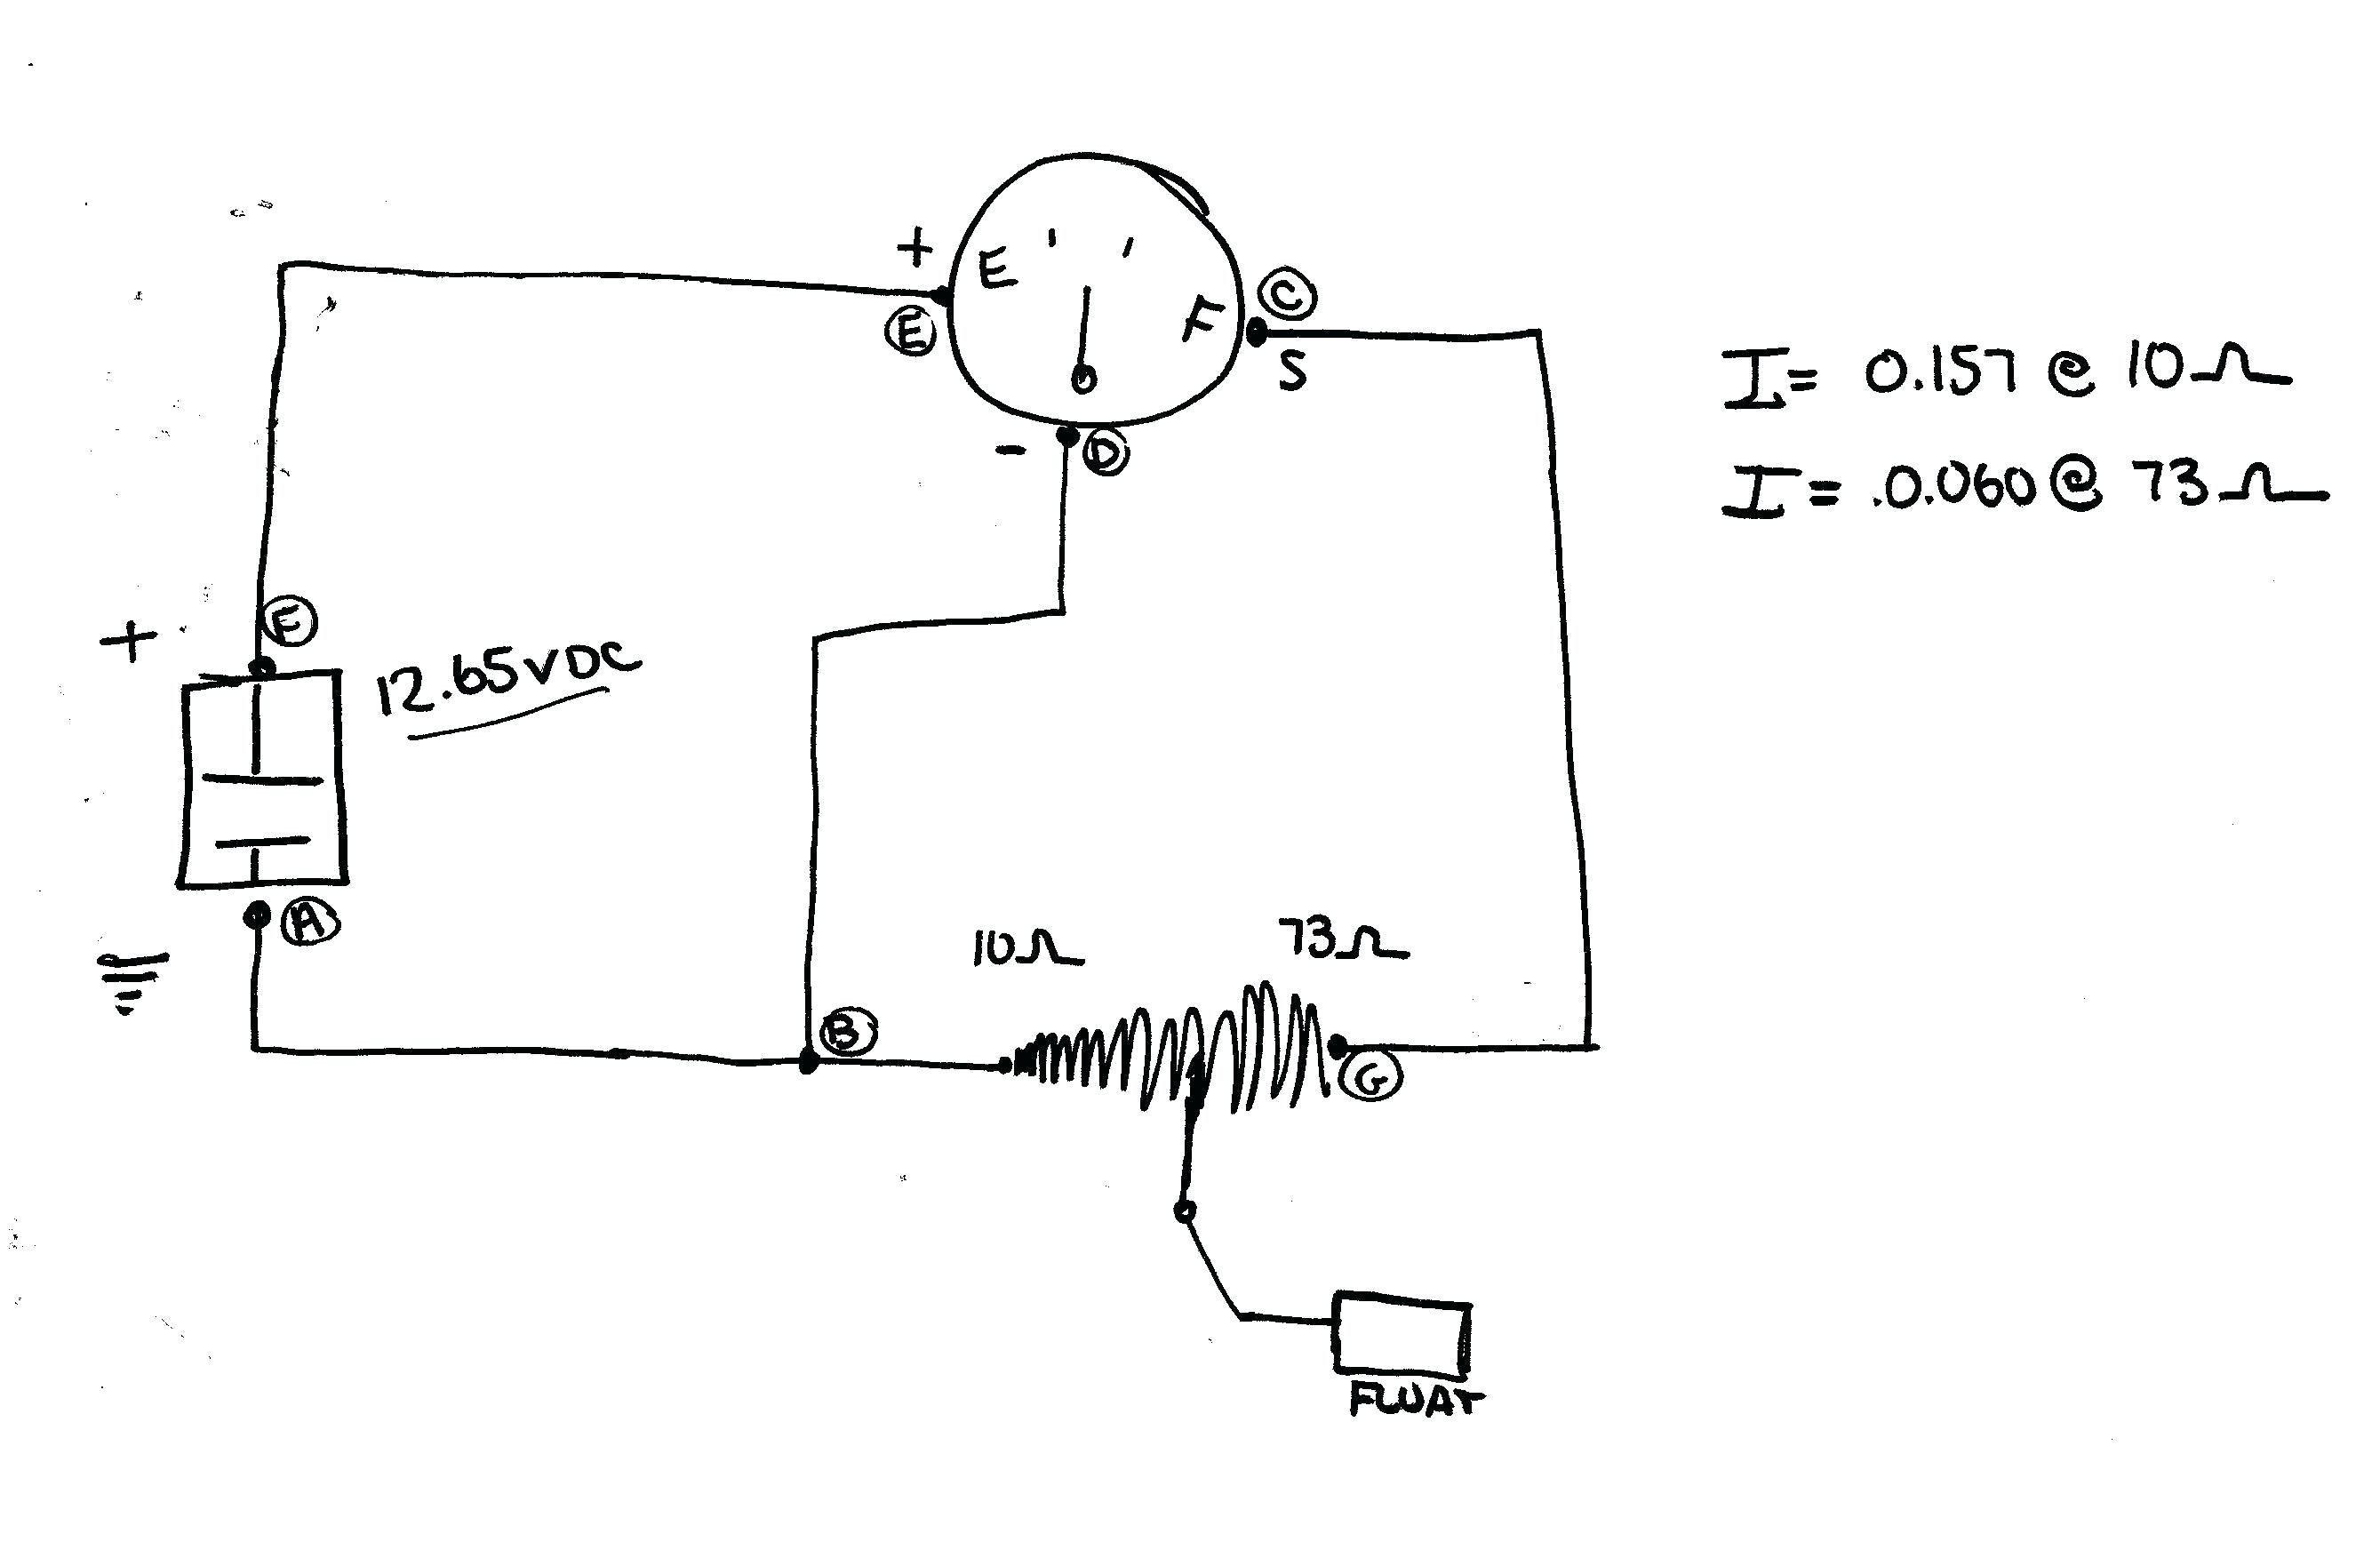 Autometer Air Fuel Gauge Wiring Diagram Rate Fuel Gauge Wiring - Autometer Gauge Wiring Diagram